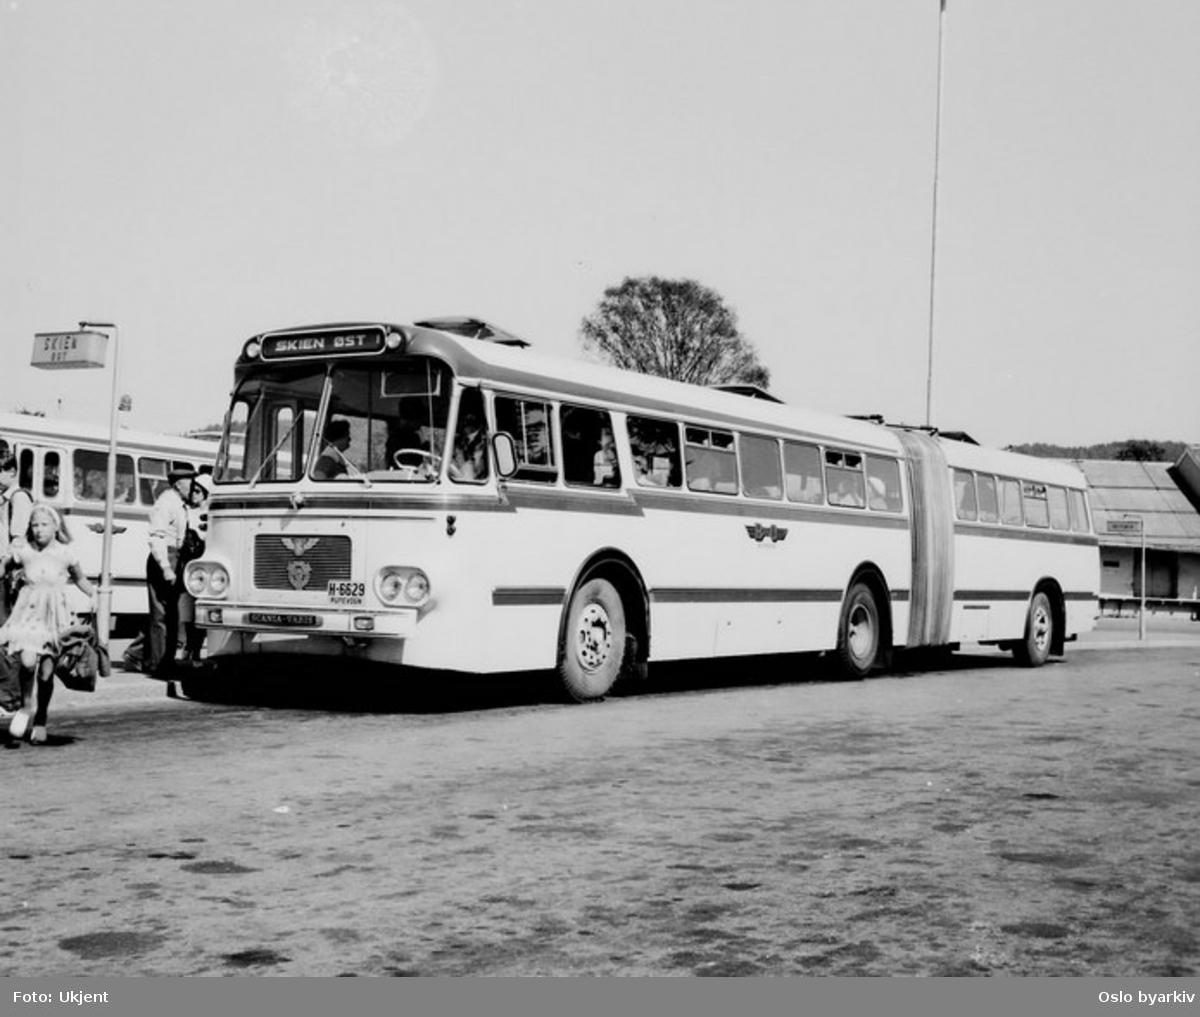 Bussrute til Skien øst, Scania Vabis, nr. A-6629, BO-bussene i Skien. Turistgrupper går ut av bussen bak.